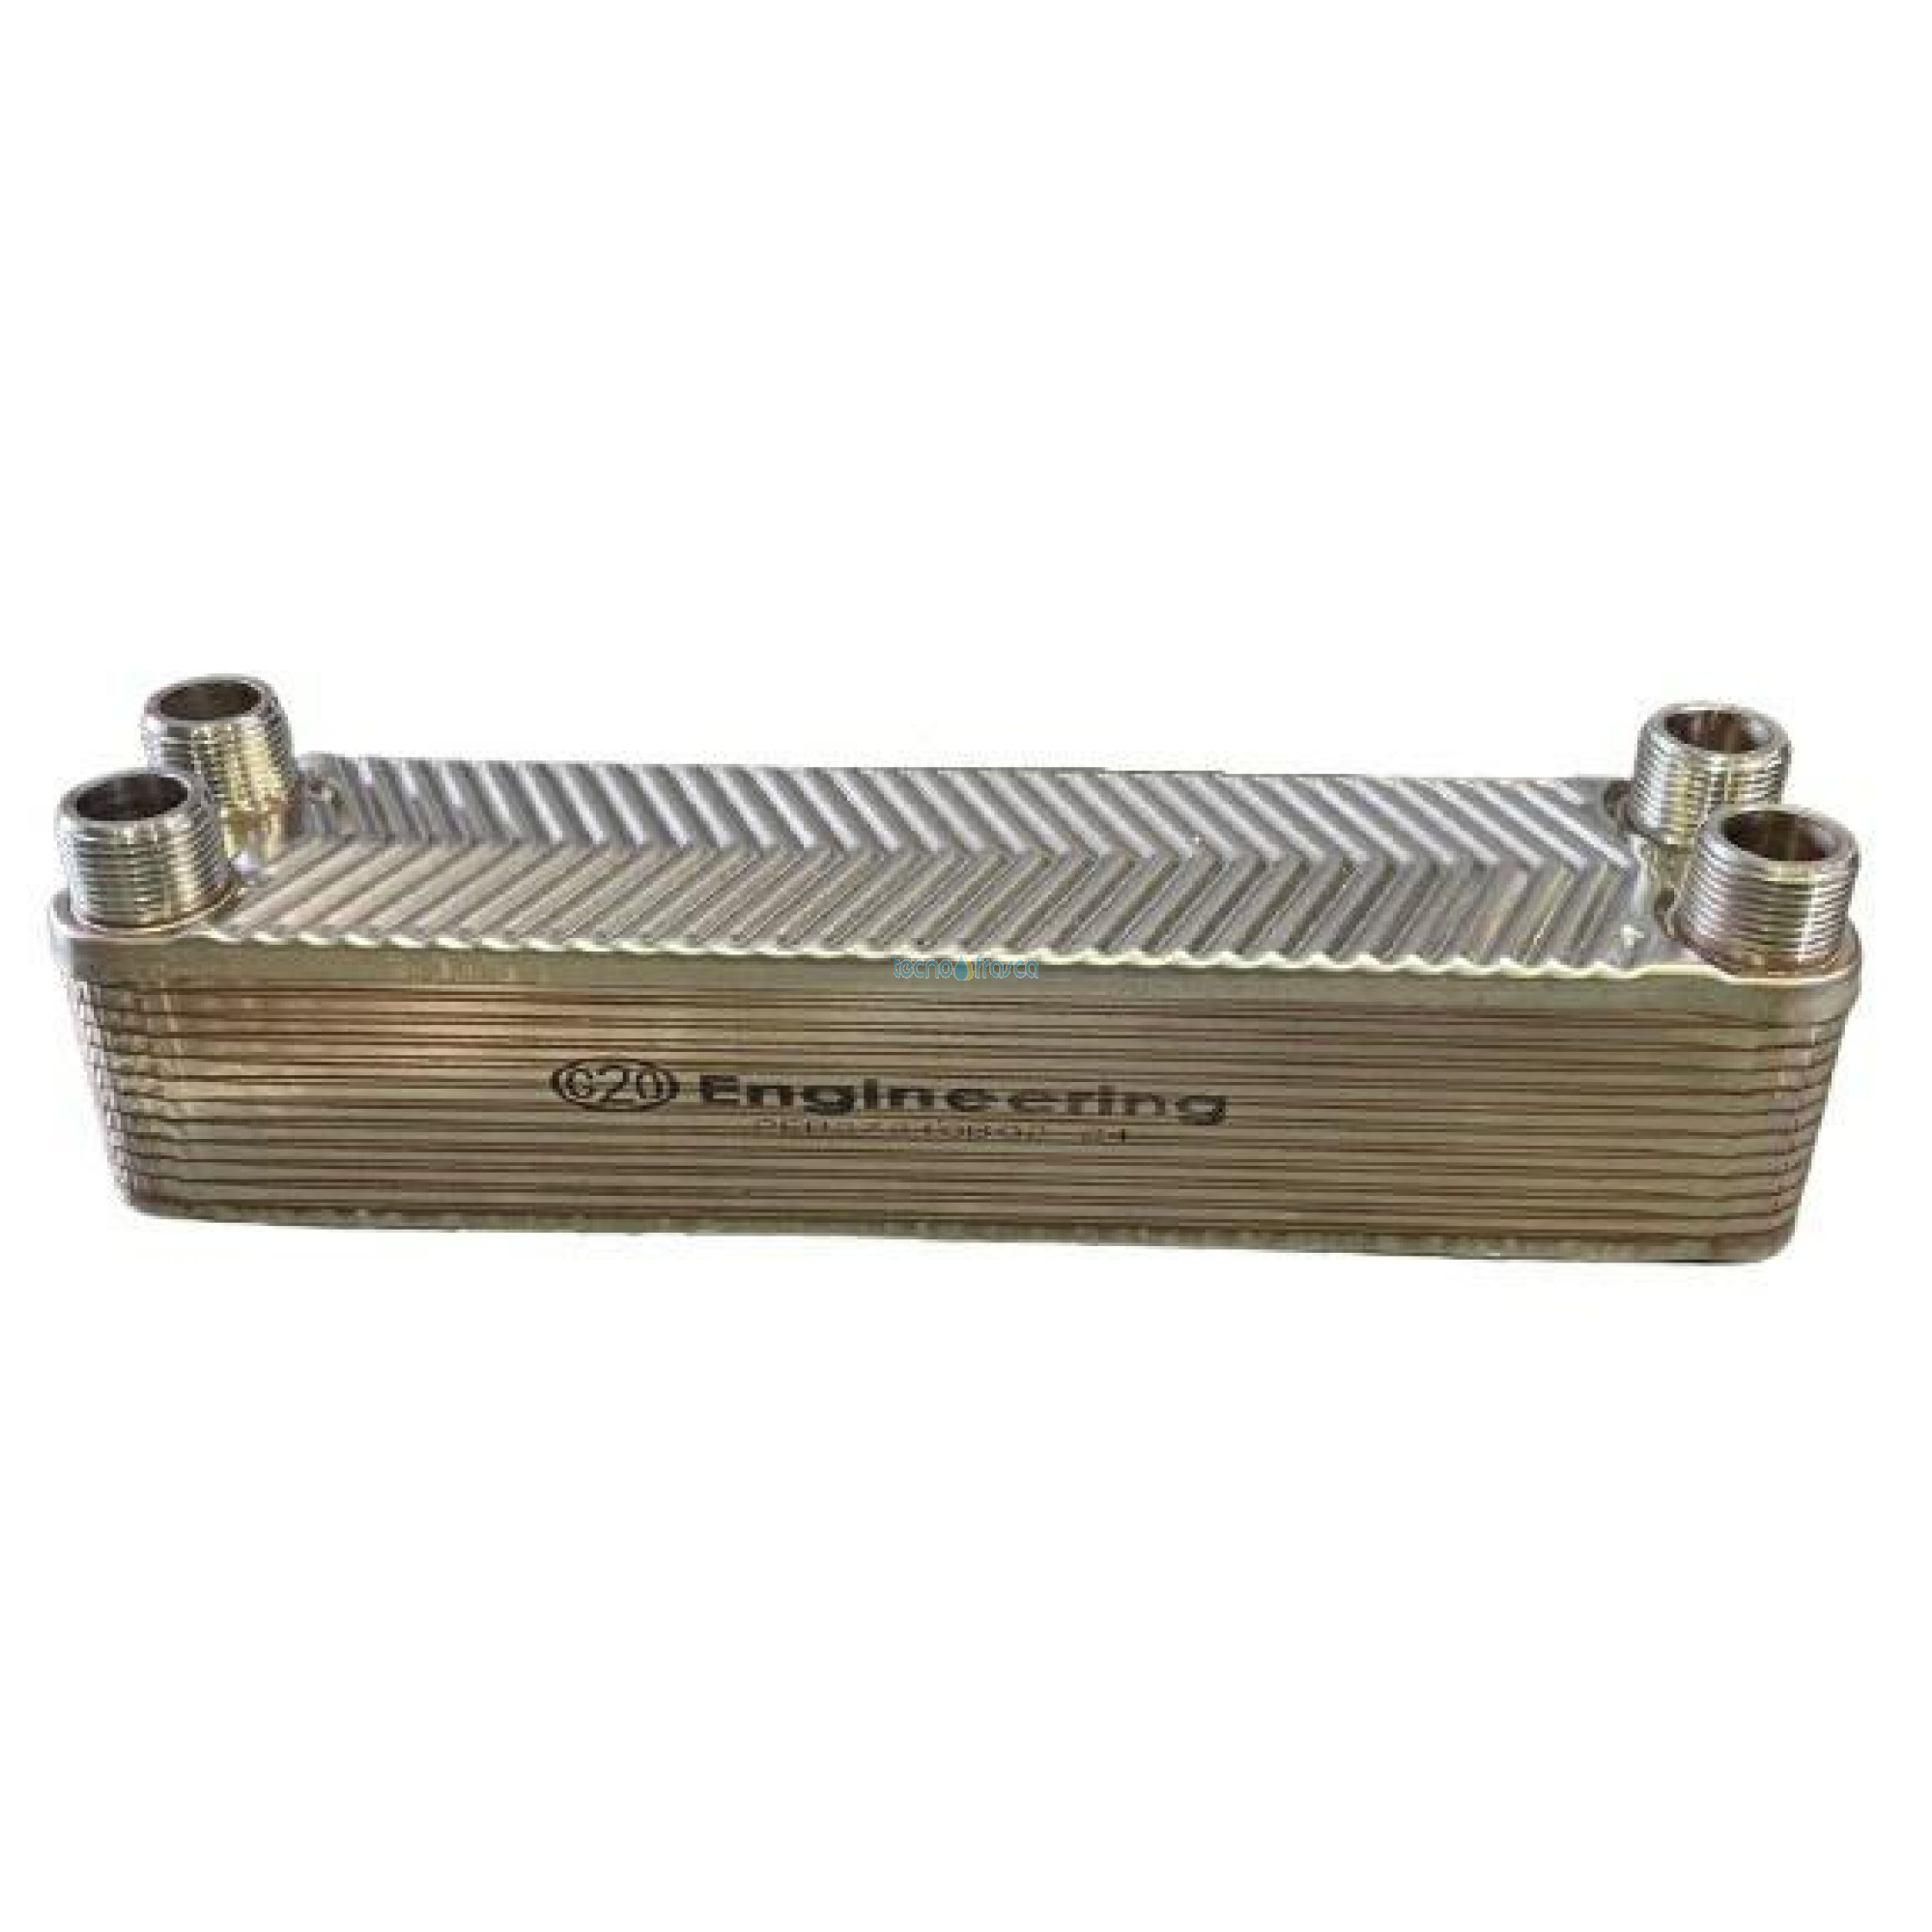 Scambiatore 3/4 24 piastre flusso incrociato termocamino scr047-24